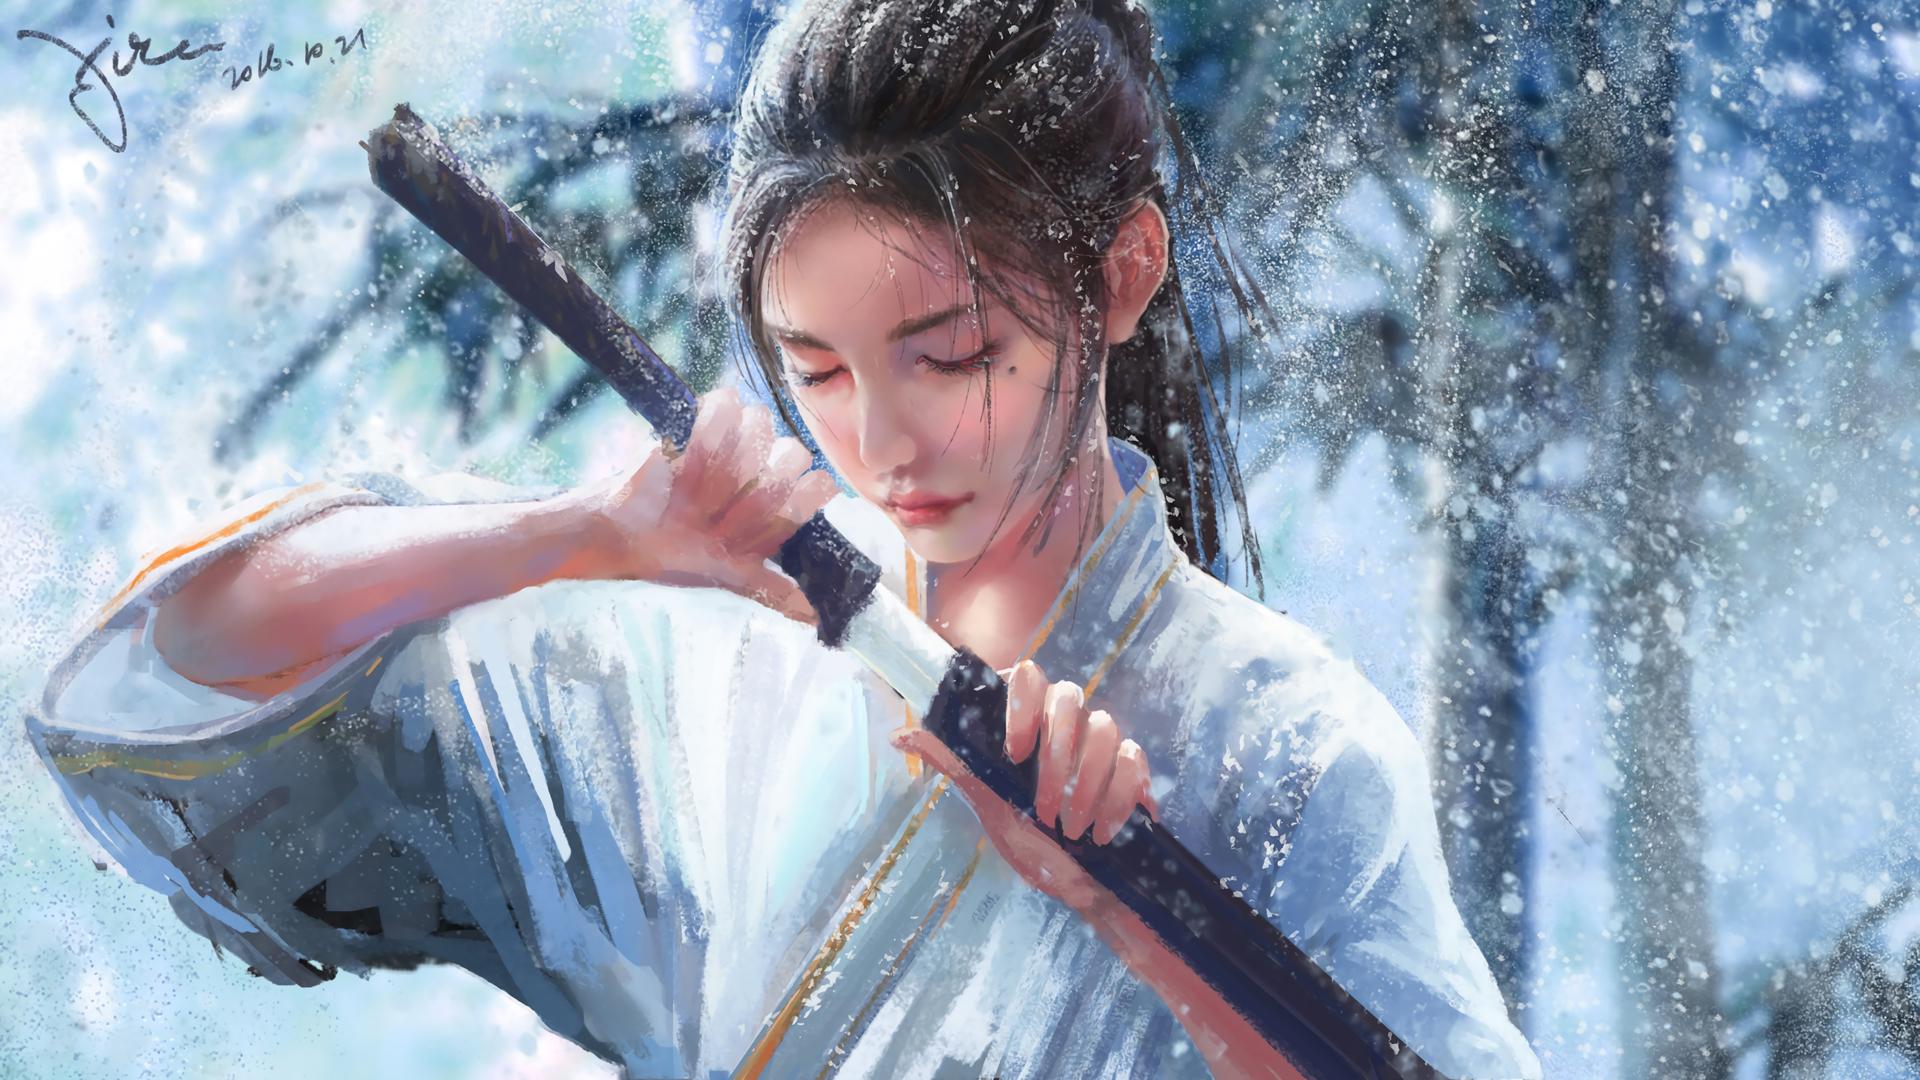 雪竹 雪景 女生 黑发 单马尾 宝剑 2k动漫壁纸